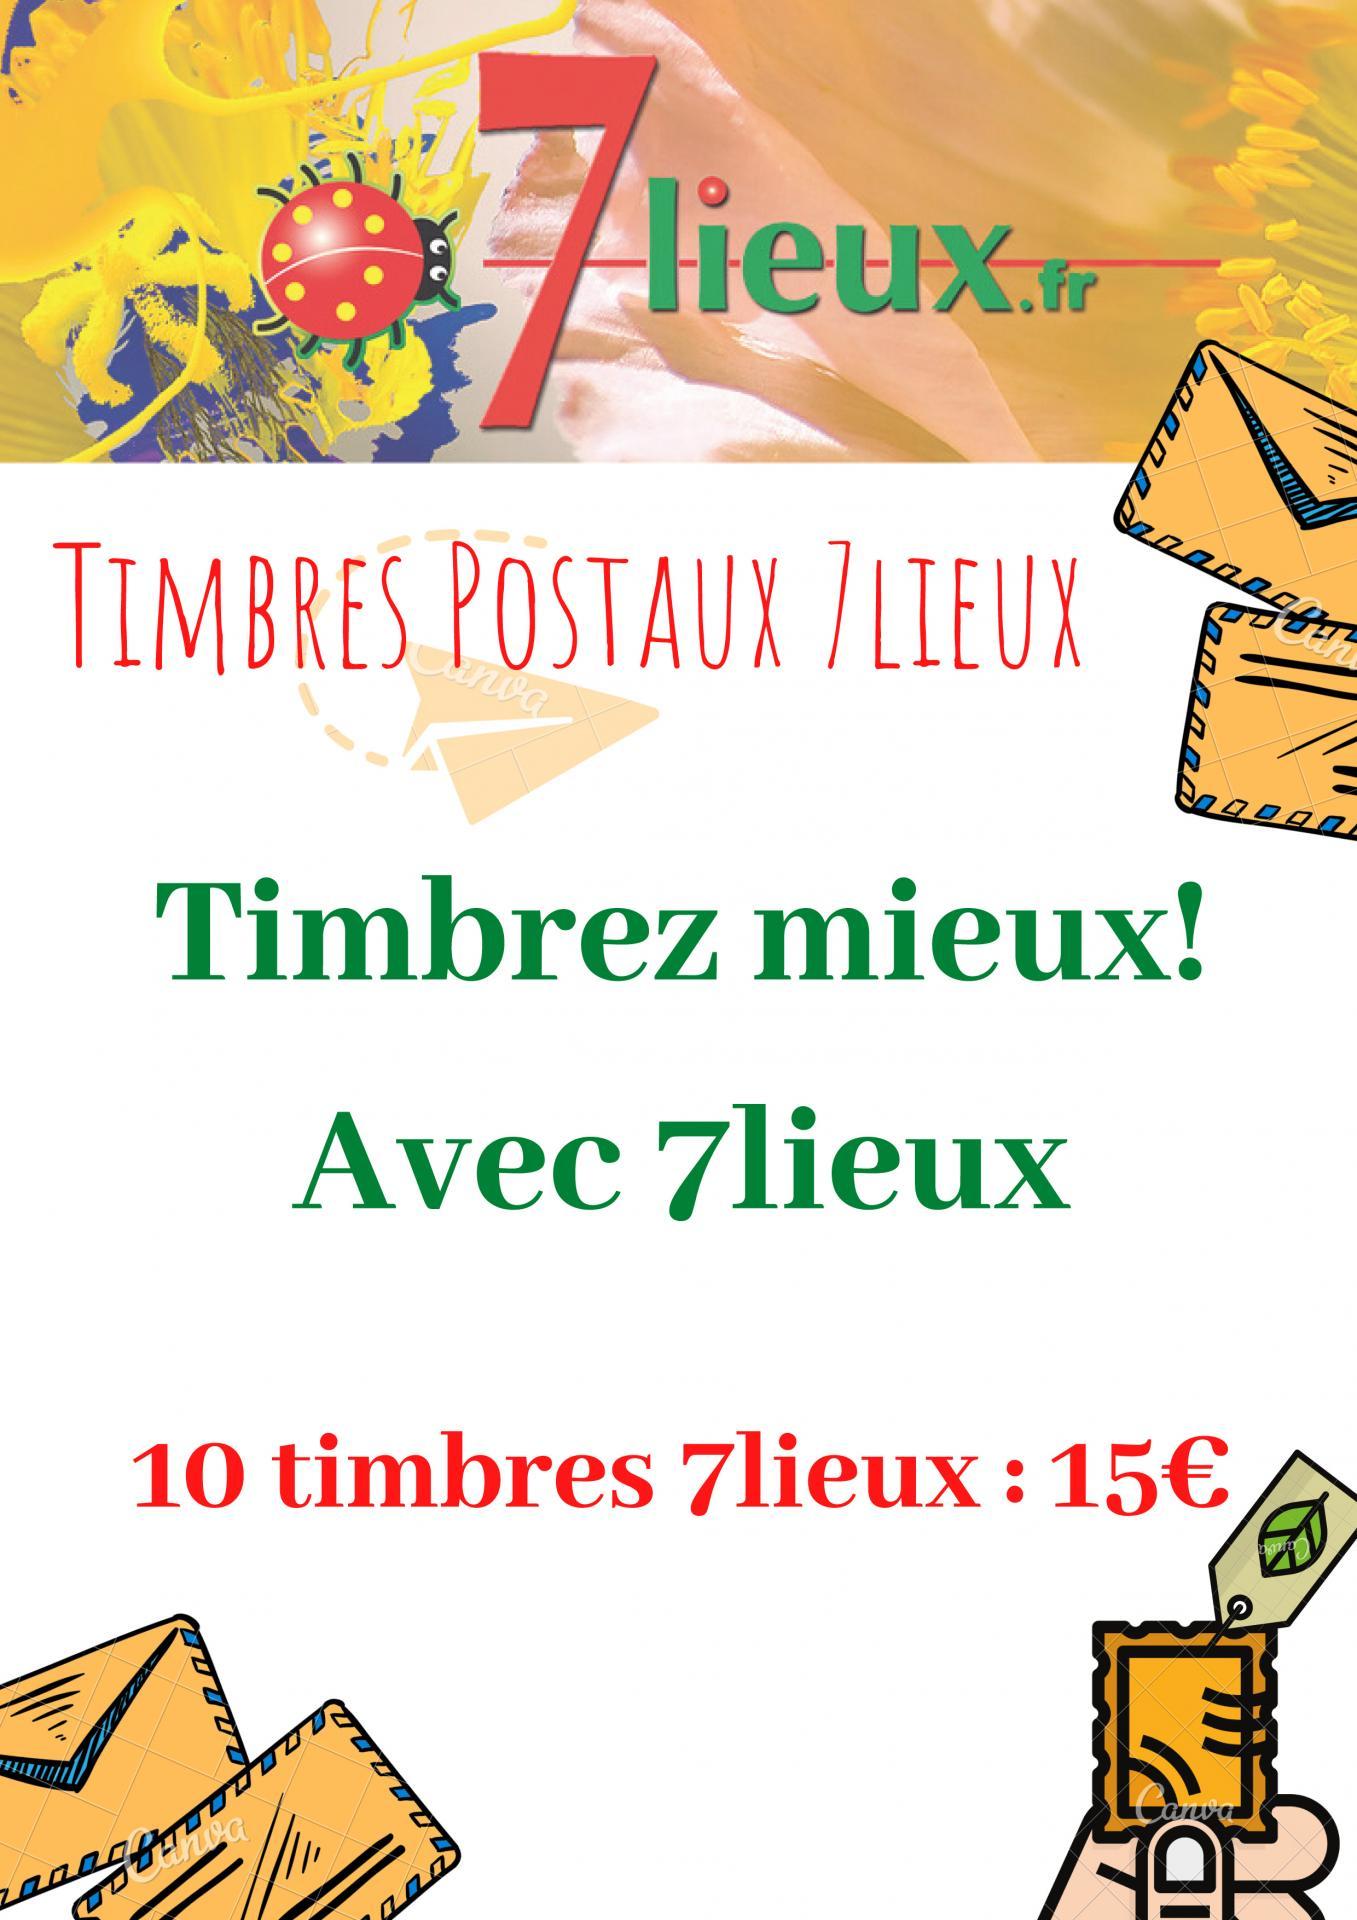 Timbres postaux 7lieux